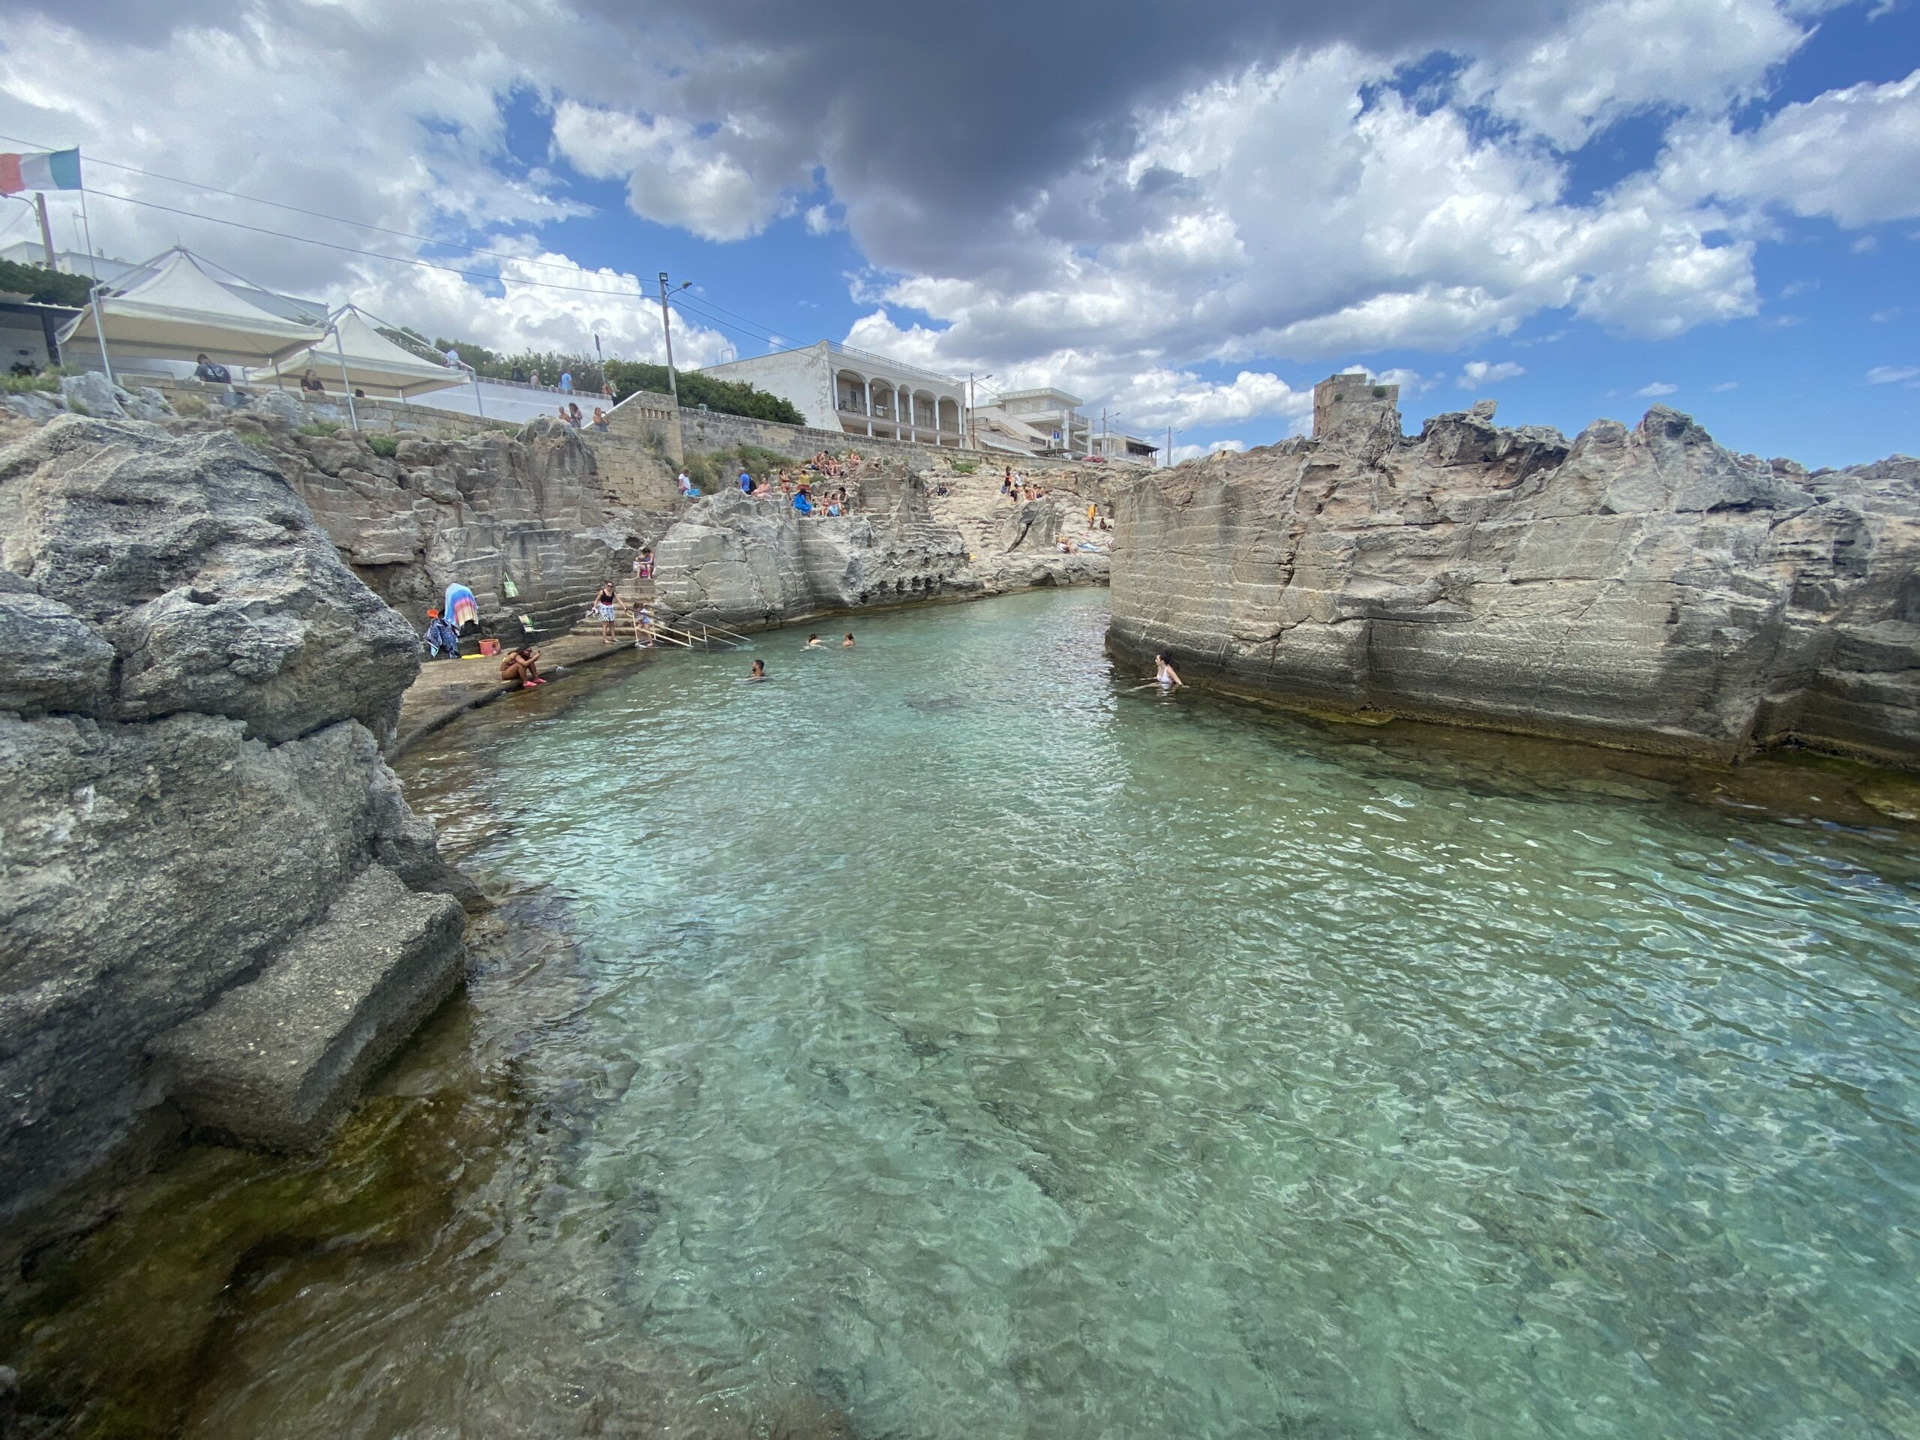 Piscina naturale Marina Serra: una delle spiagge più belle del Salento